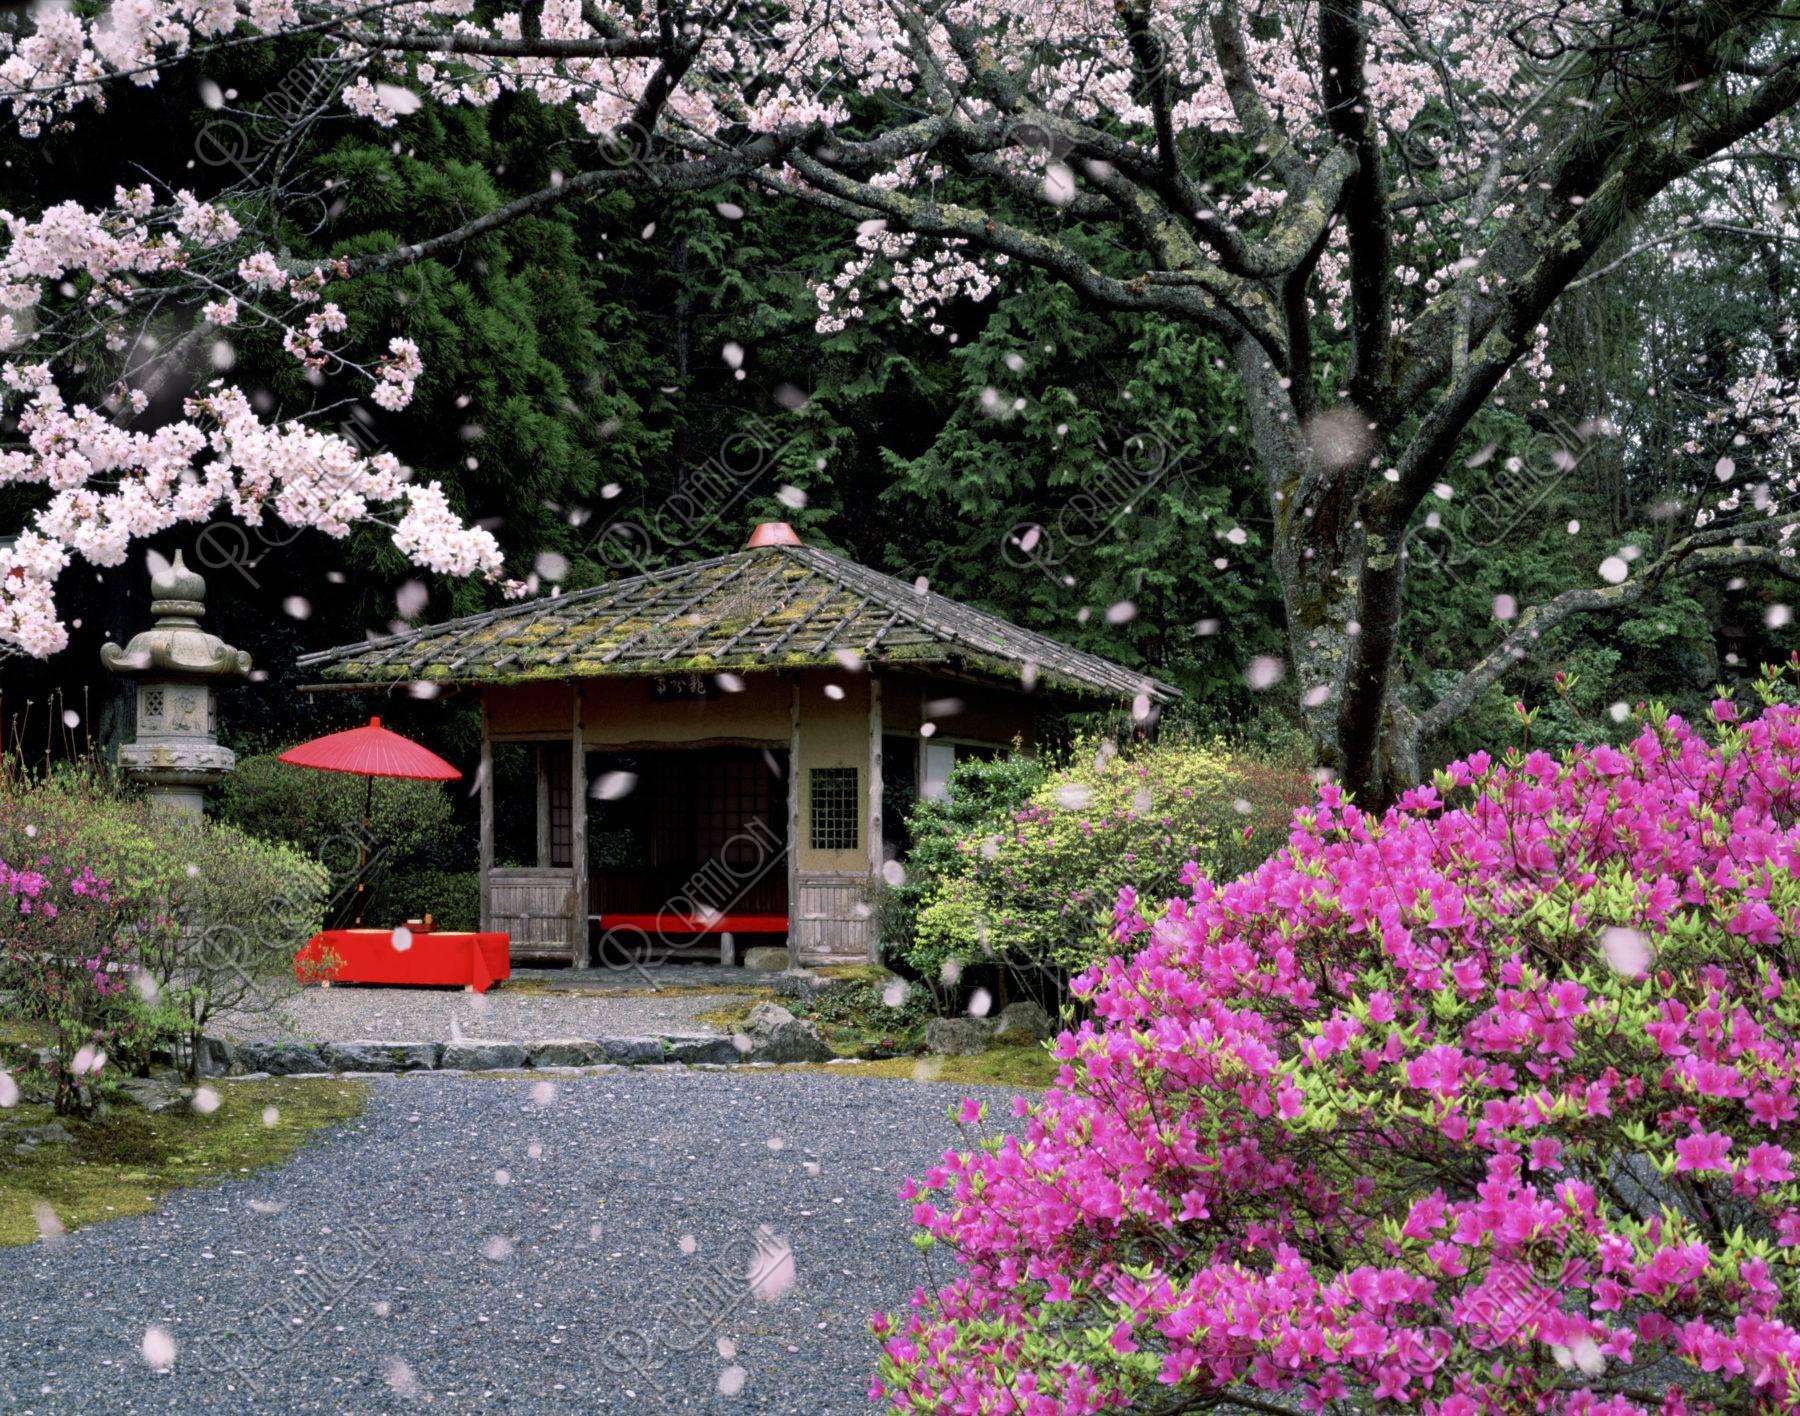 白龍園 庭園 桜 春 合成